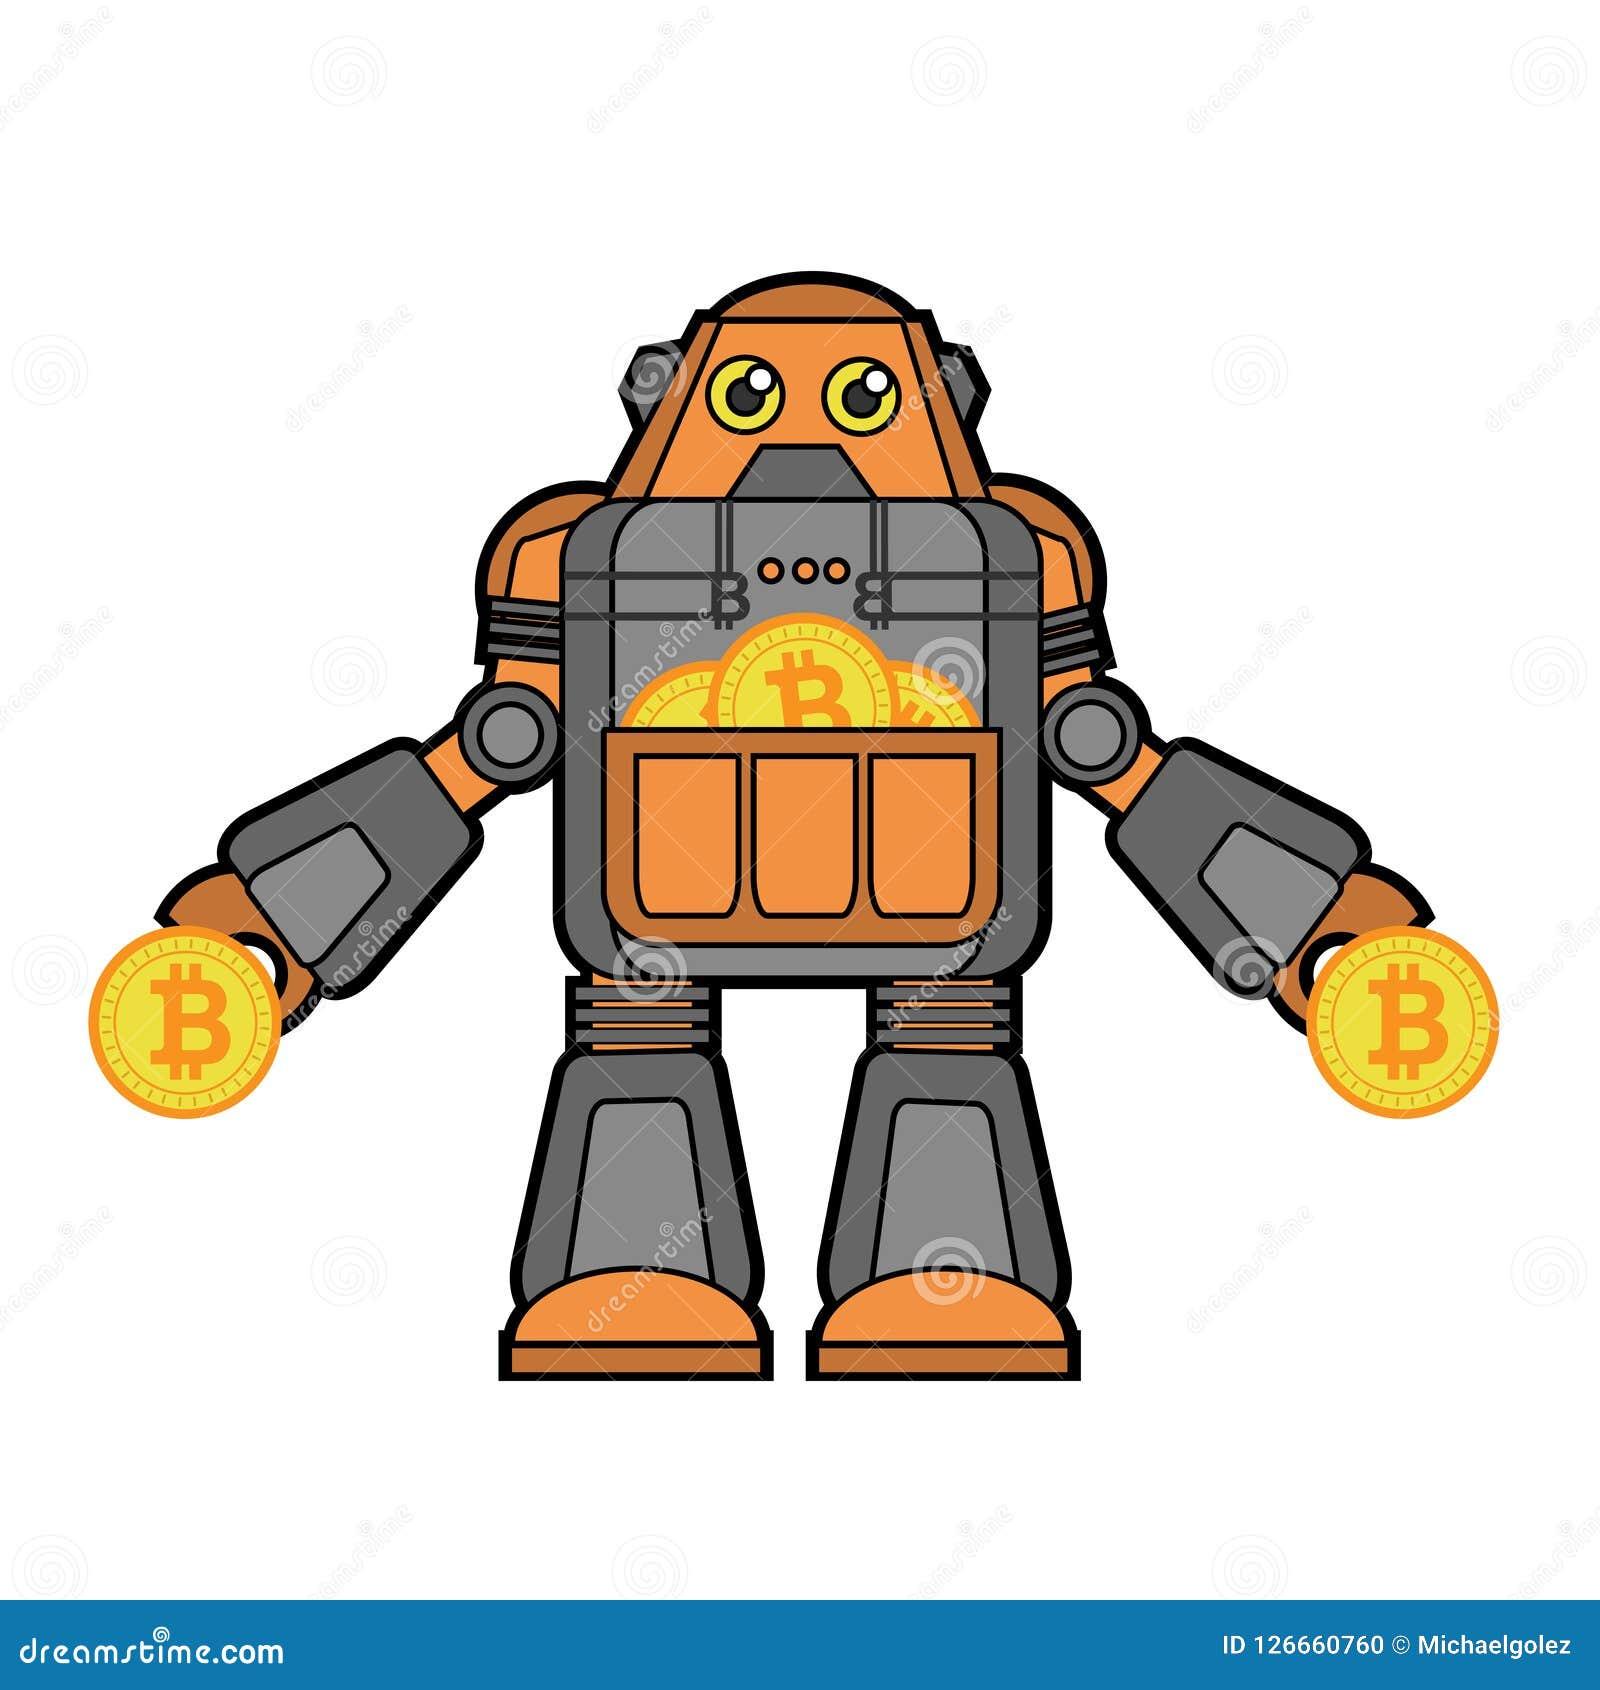 Sėkmės pavyzdžiai. Sėkmingiausi pasaulio startuoliai - Pirkti bitkoinus už eurų jaroslavlio